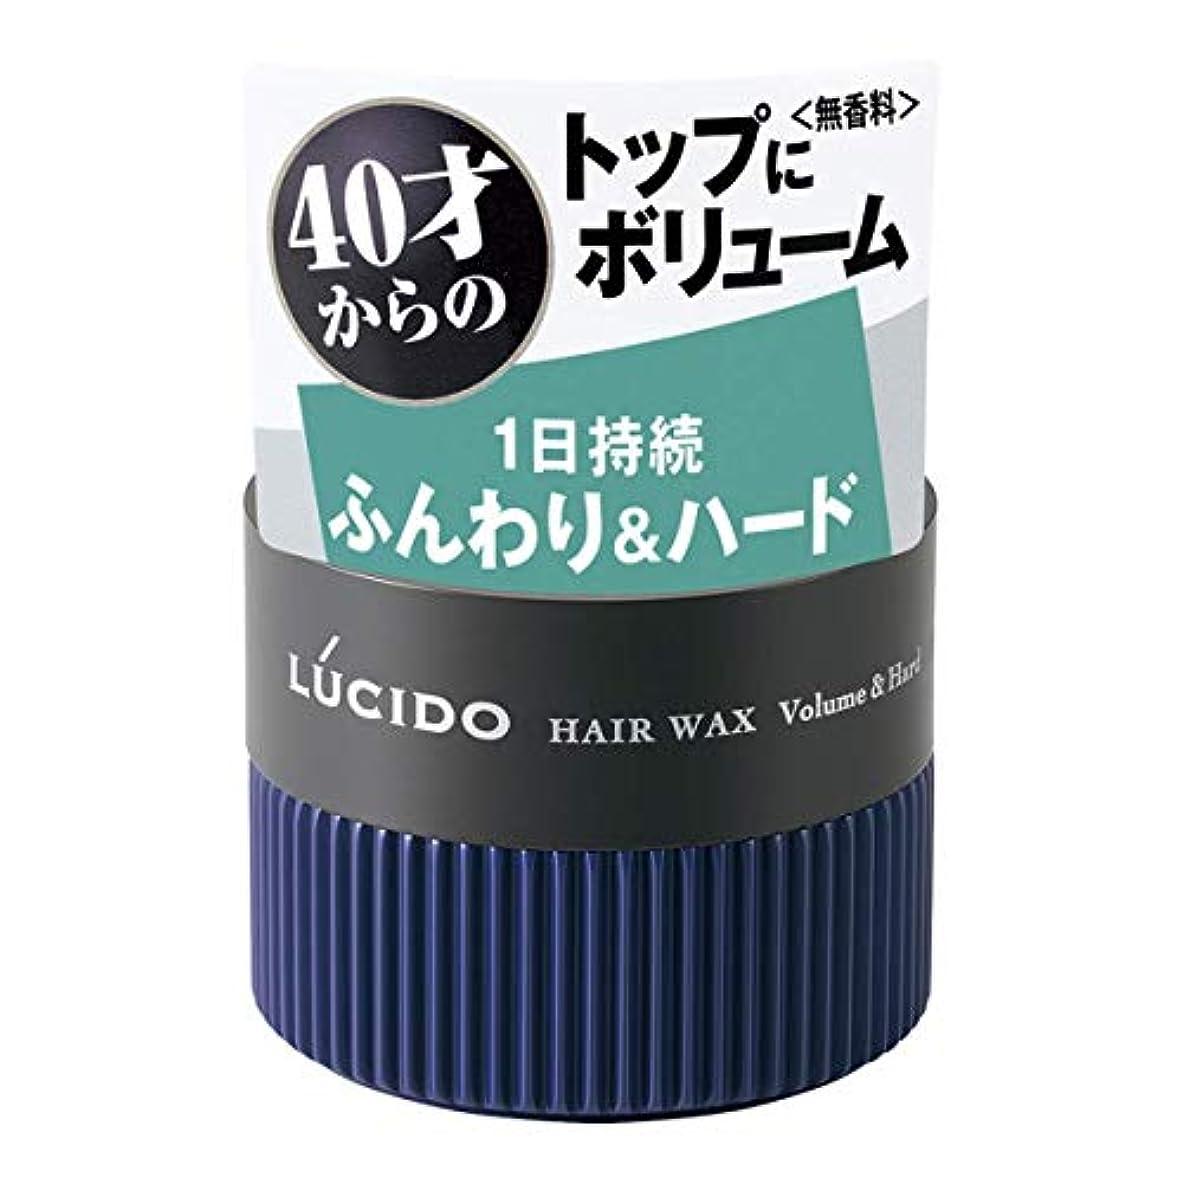 プロフィール汚いビート【3個セット】LUCIDO(ルシード) ヘアワックス ボリューム&ハード 80g